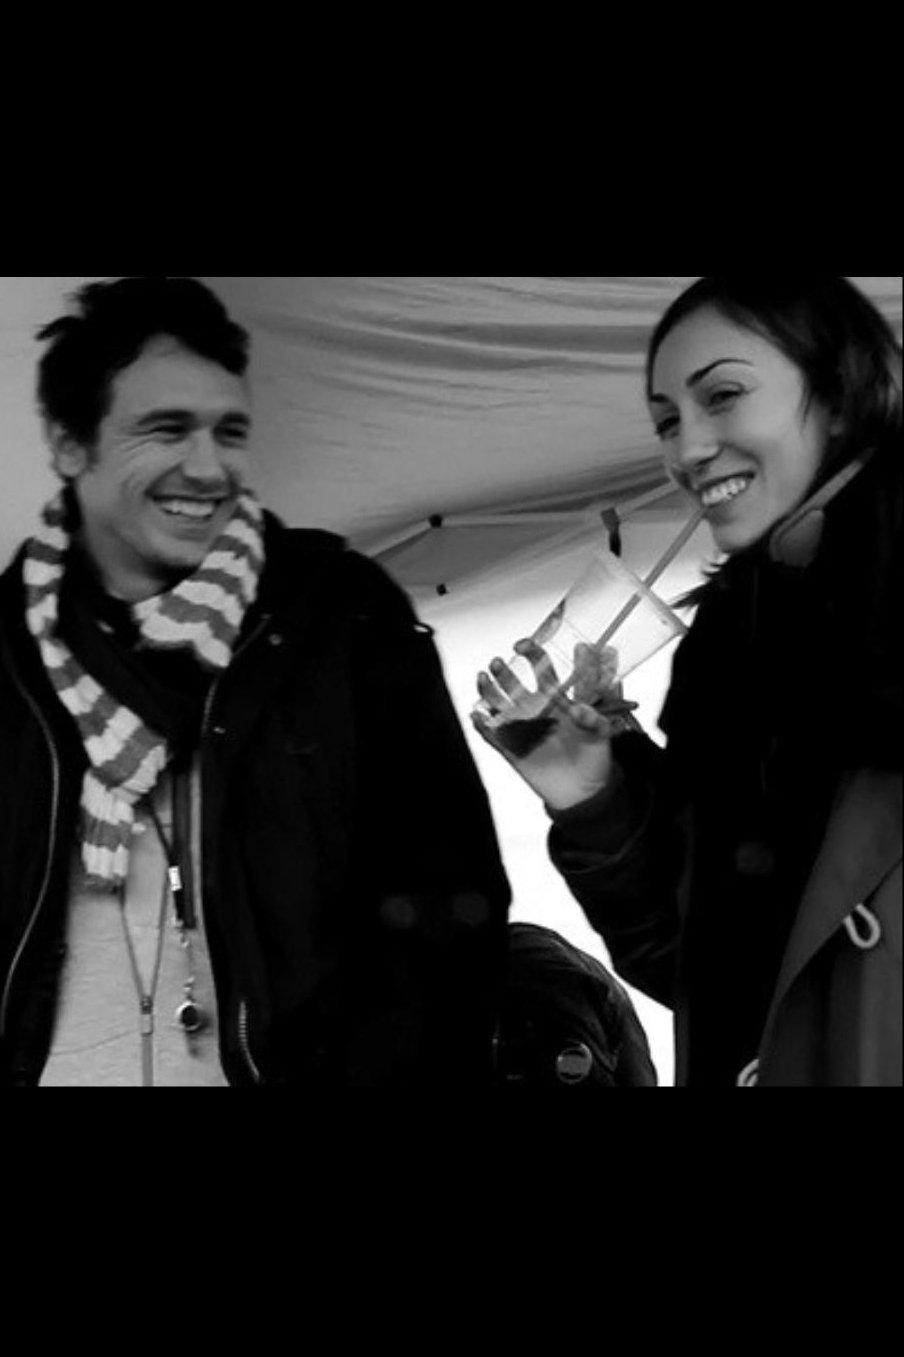 el-paso-dating-scene